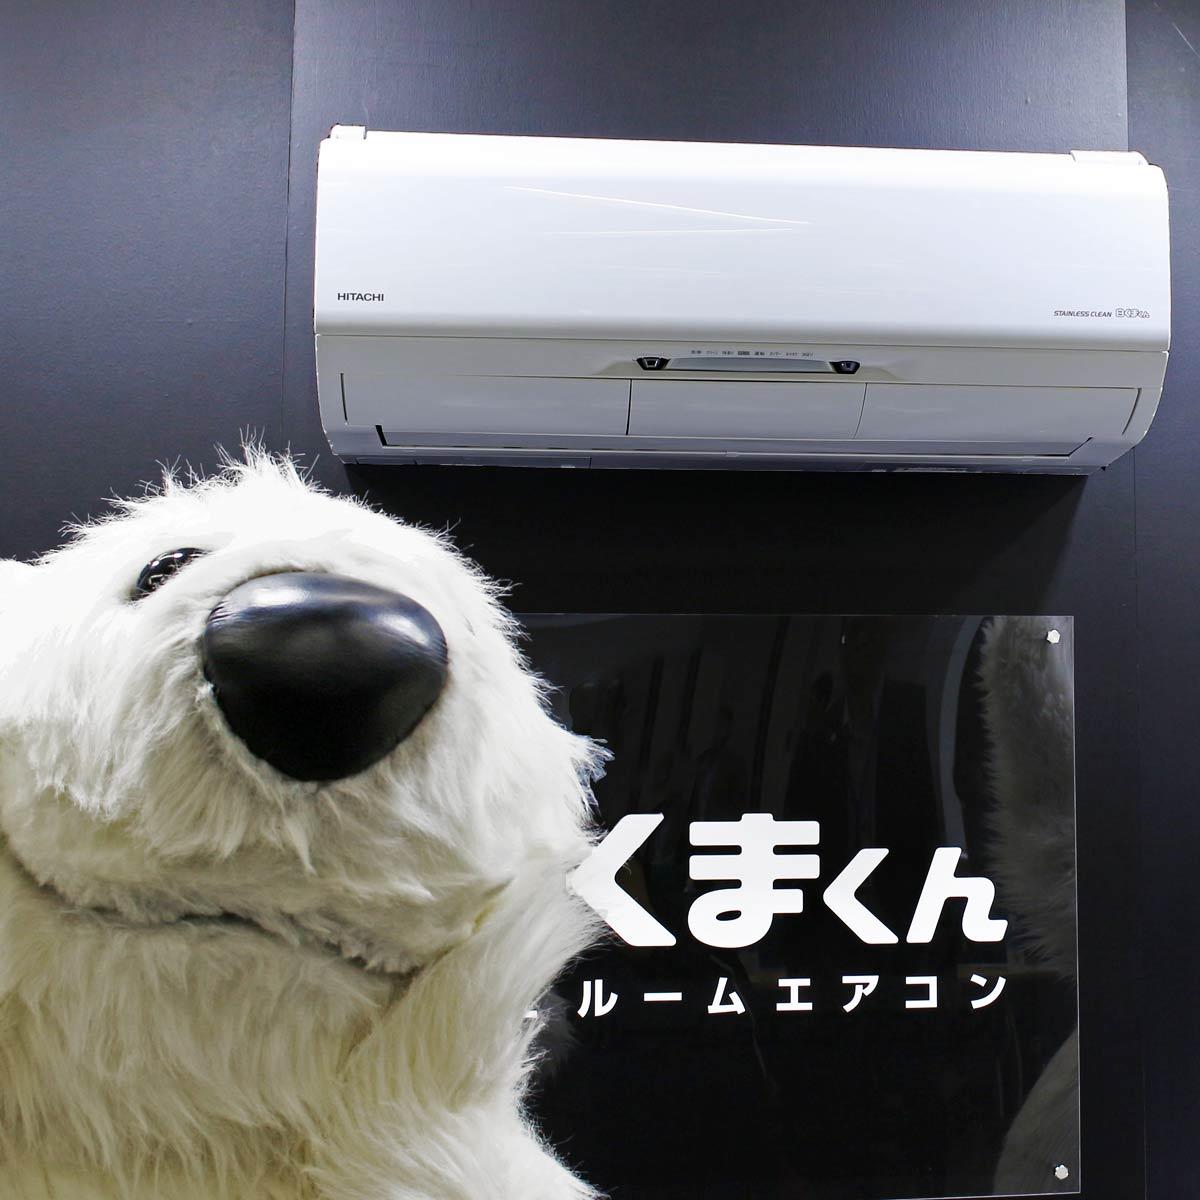 凍らせて熱交換器の汚れを落とす「白くまくん」新モデルは、ファンの掃除もエアコンにおまかせ!